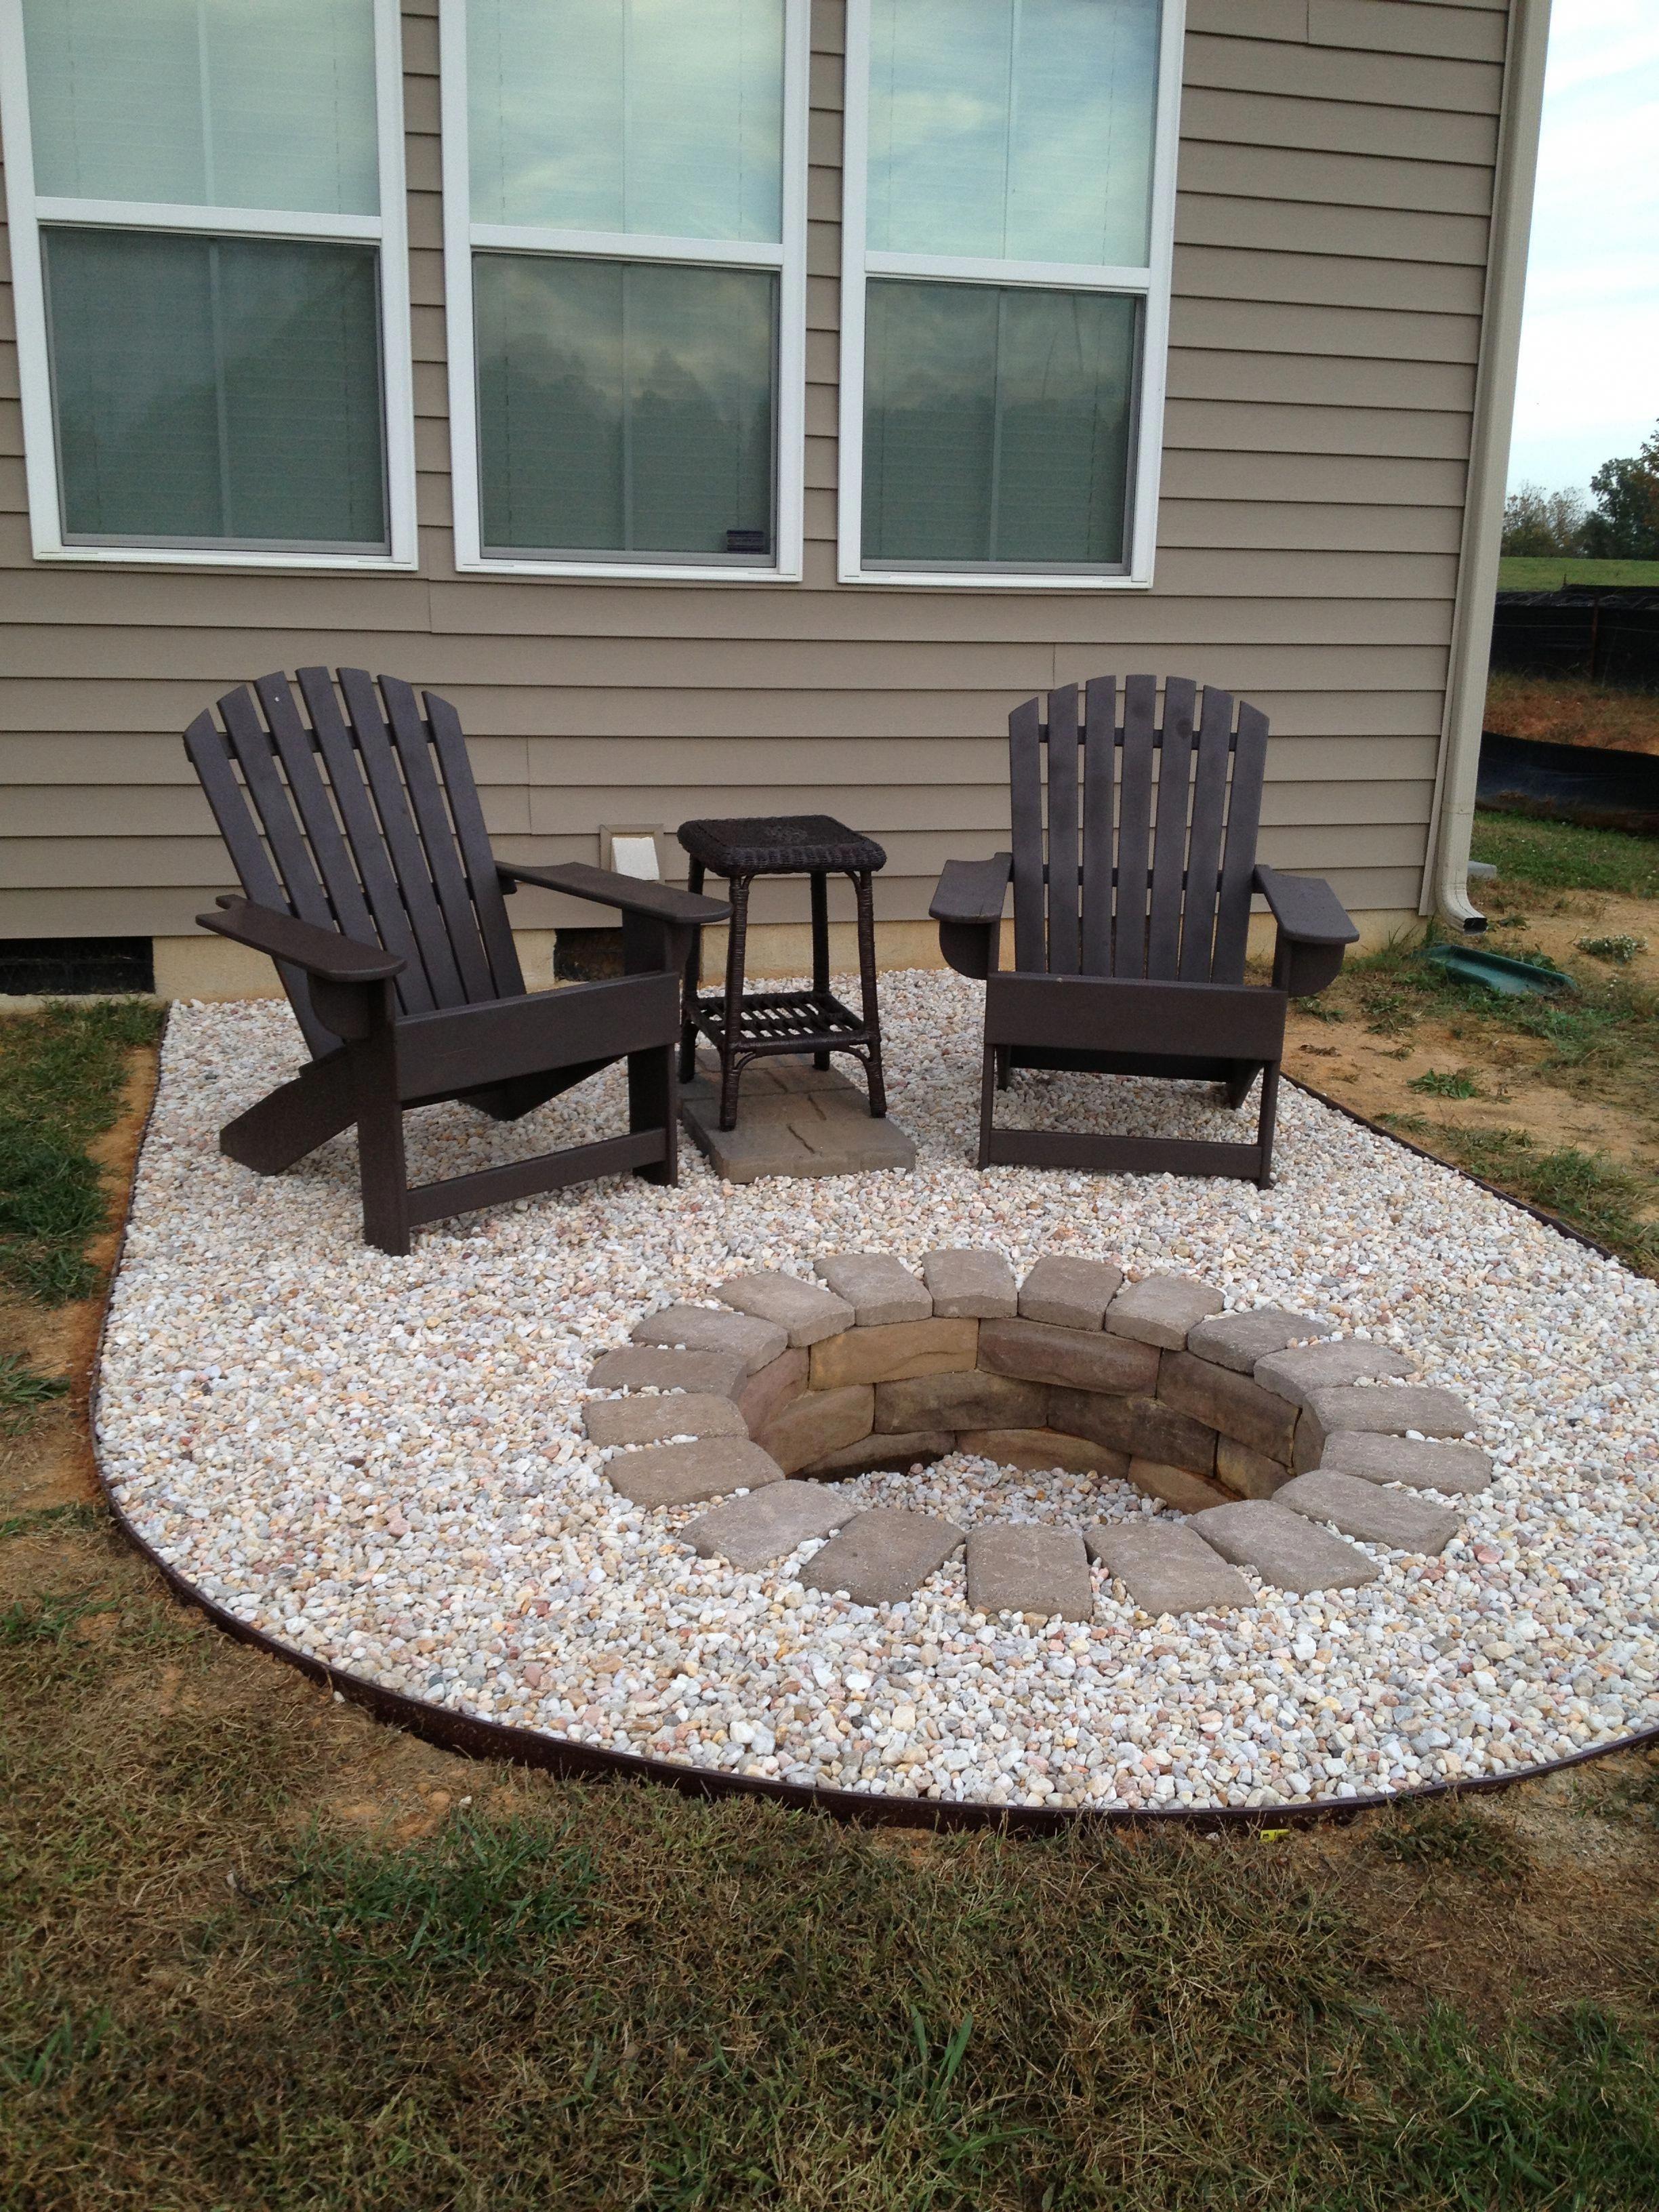 My Fire Pit Firepitbackyarddiy Cheap Fire Pit Backyard Patio Designs Backyard Fire Backyard fire pit landscaping ideas